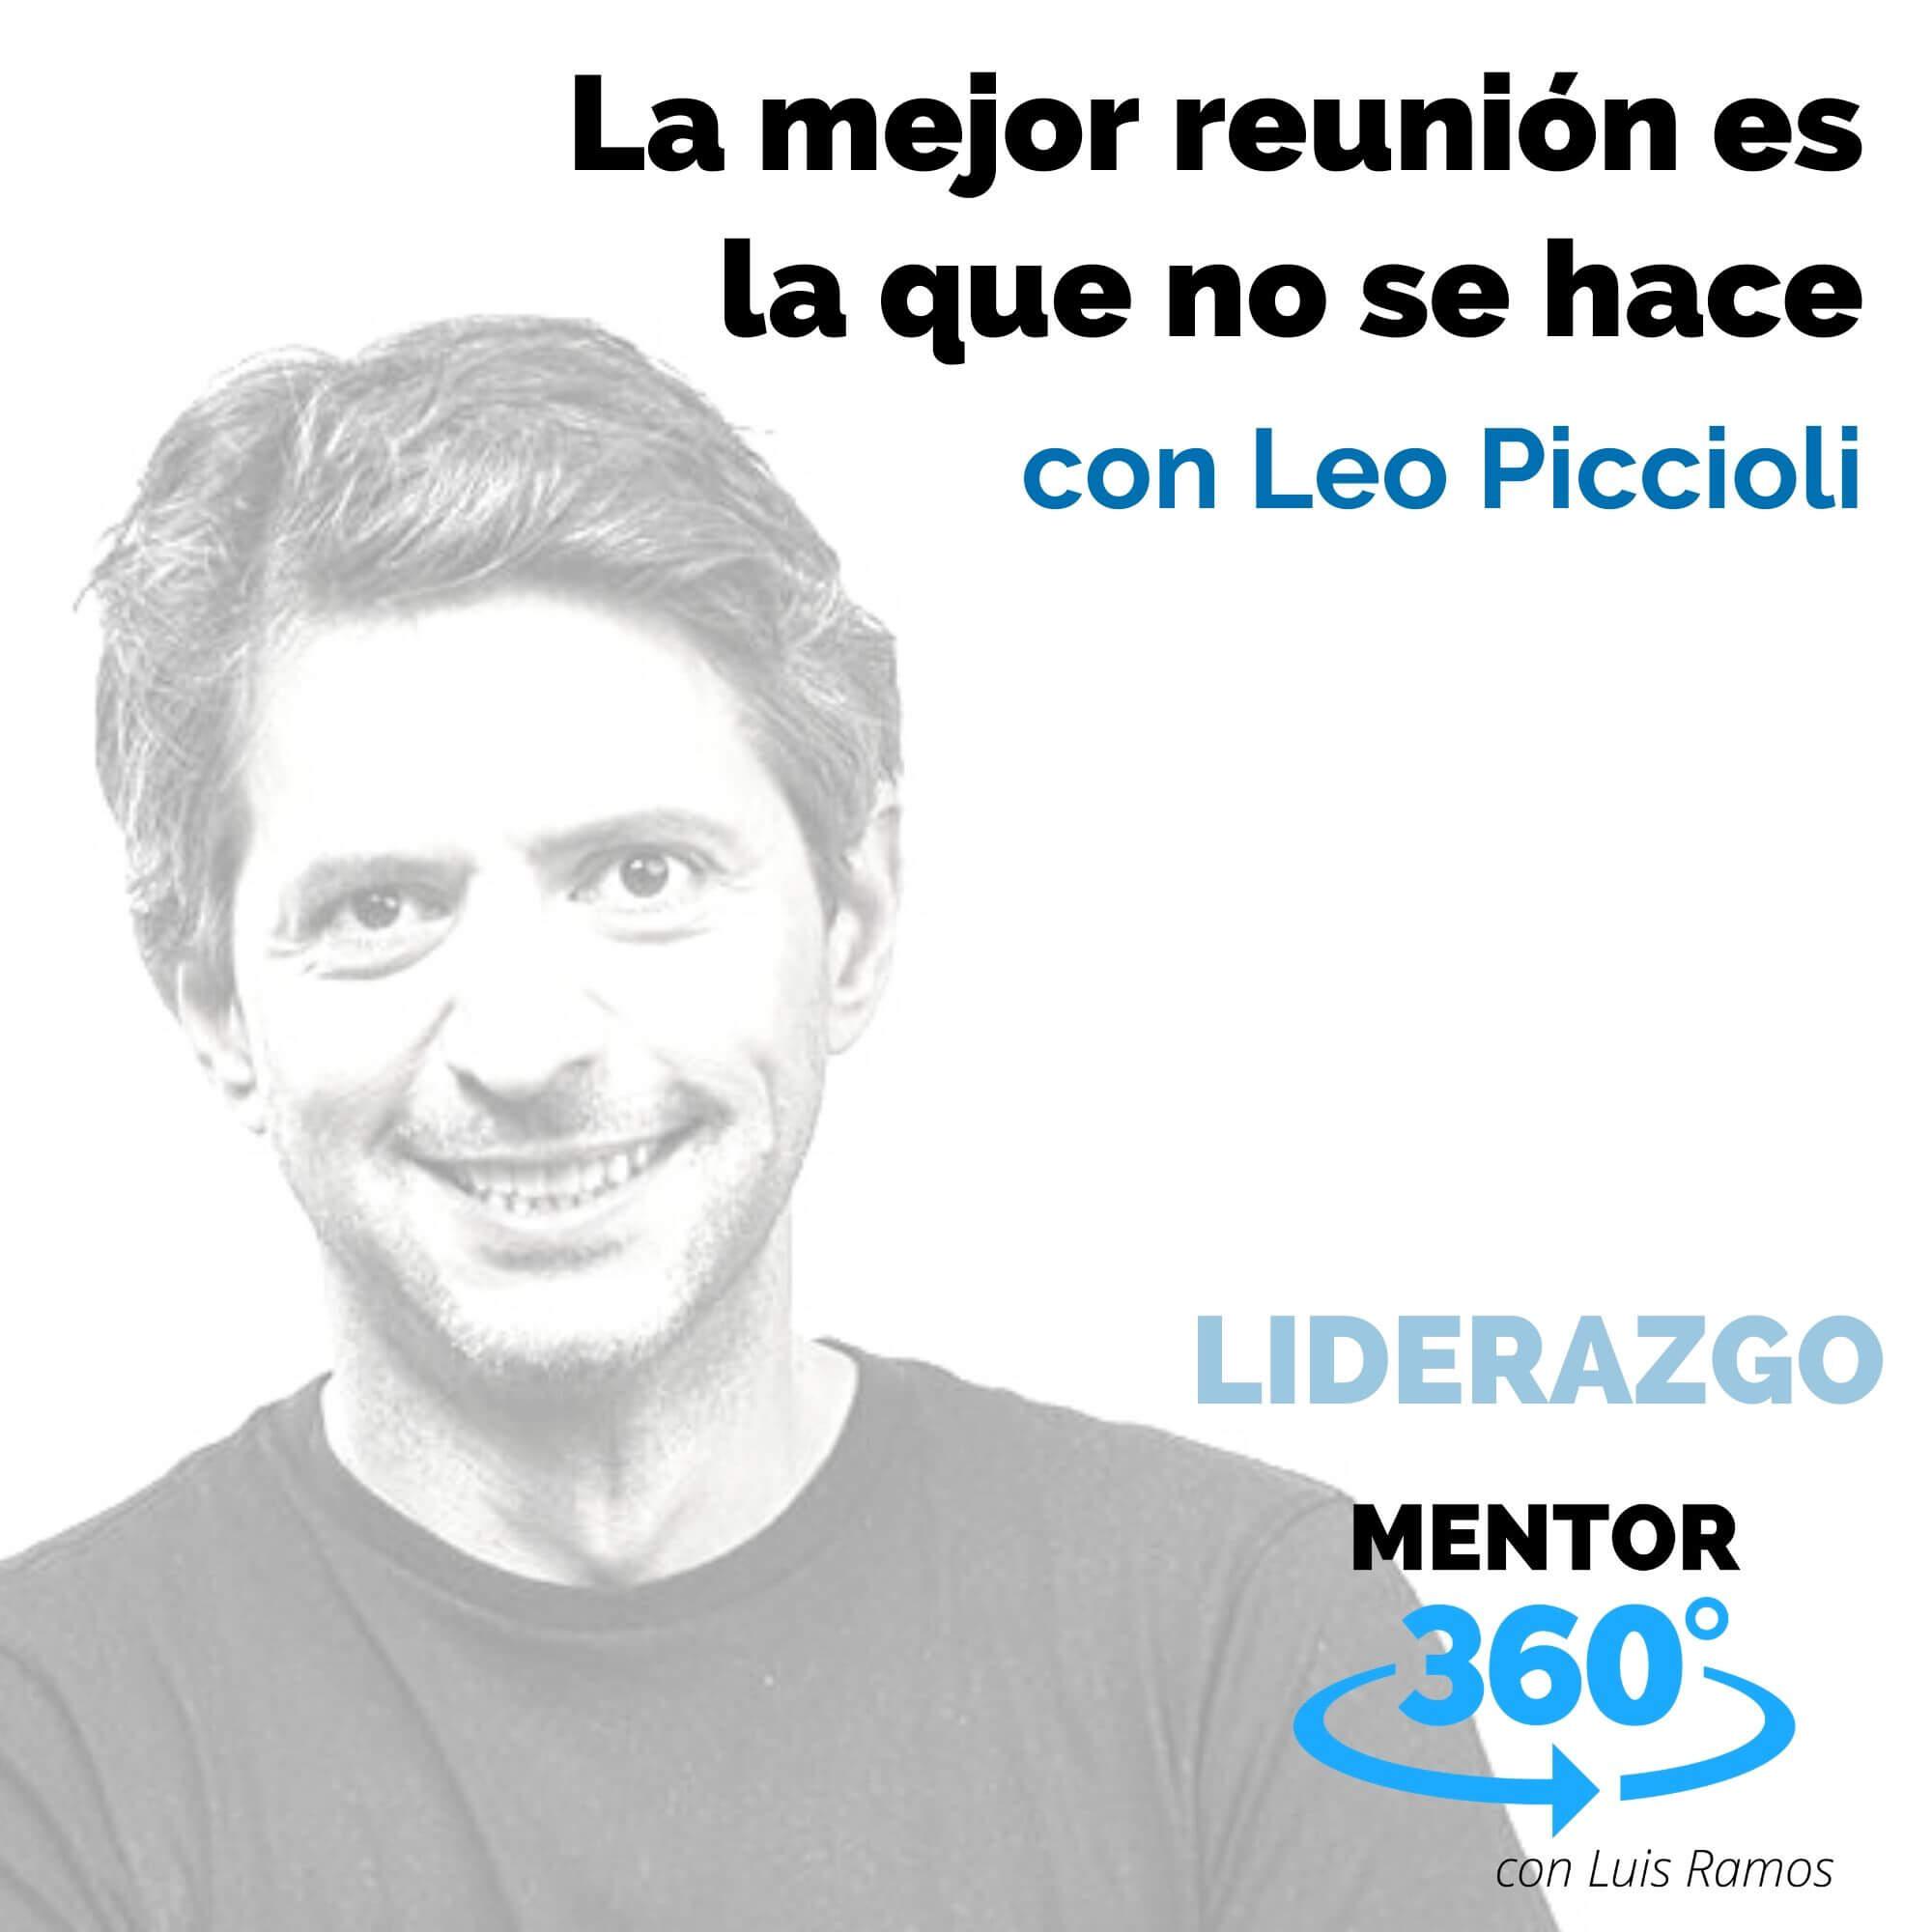 La mejor reunión es la que no se hace, con Leo Piccioli - LIDERAZGO